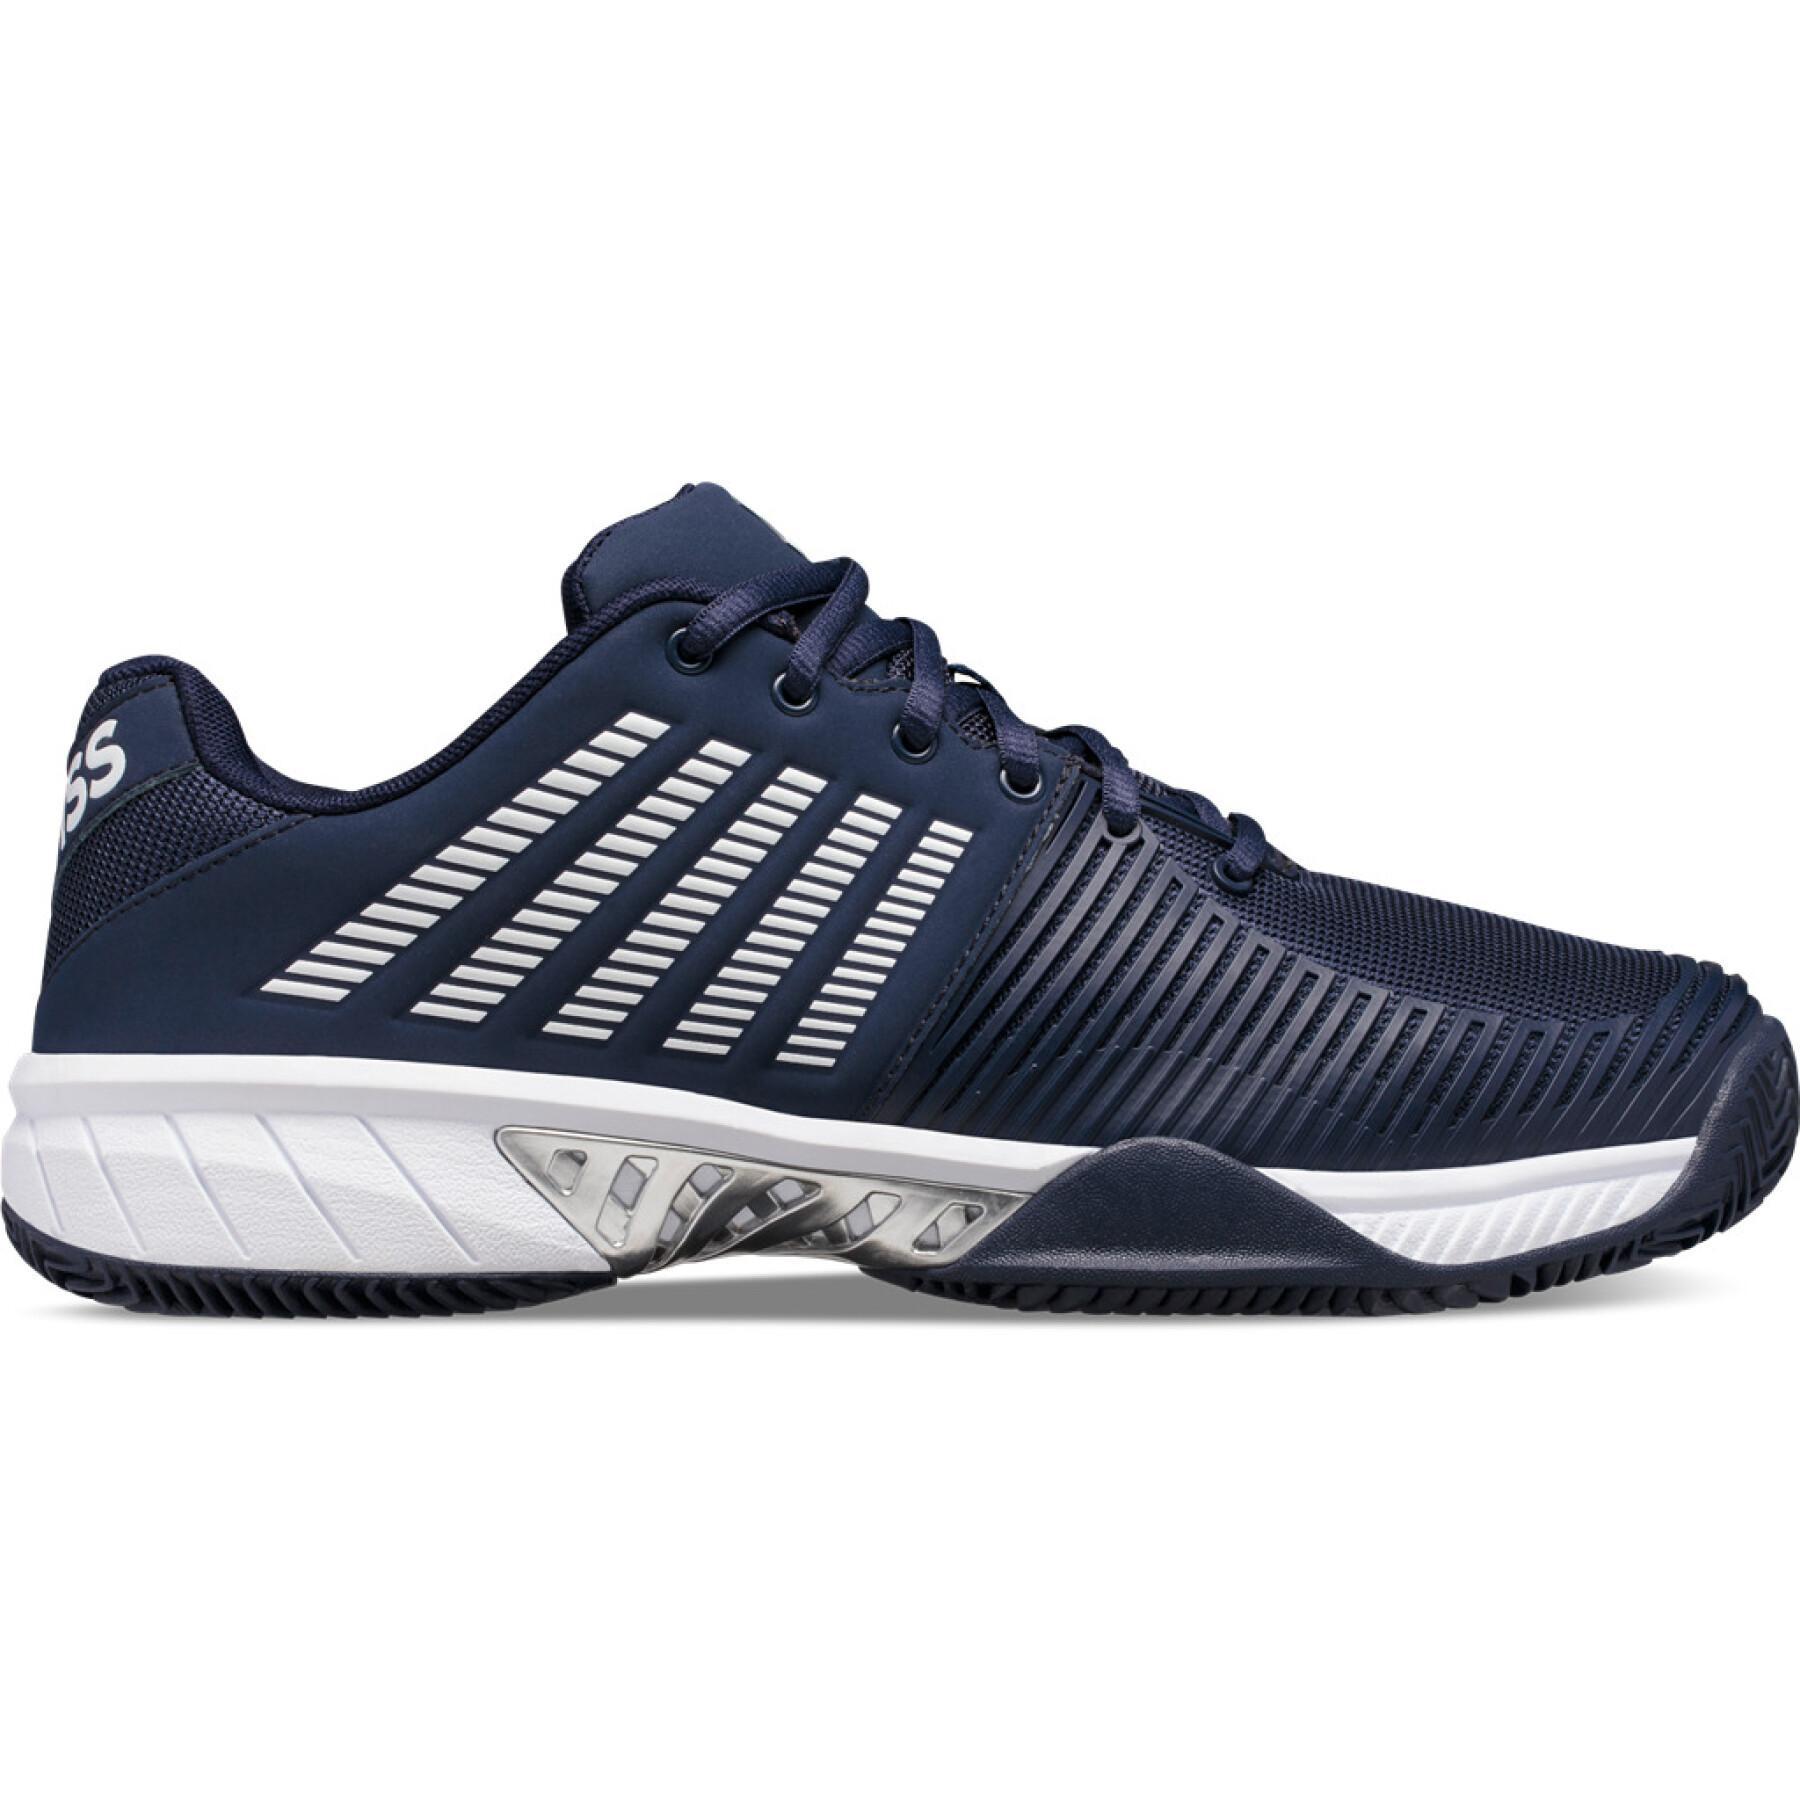 Shoes K-Swiss express light 2 hb